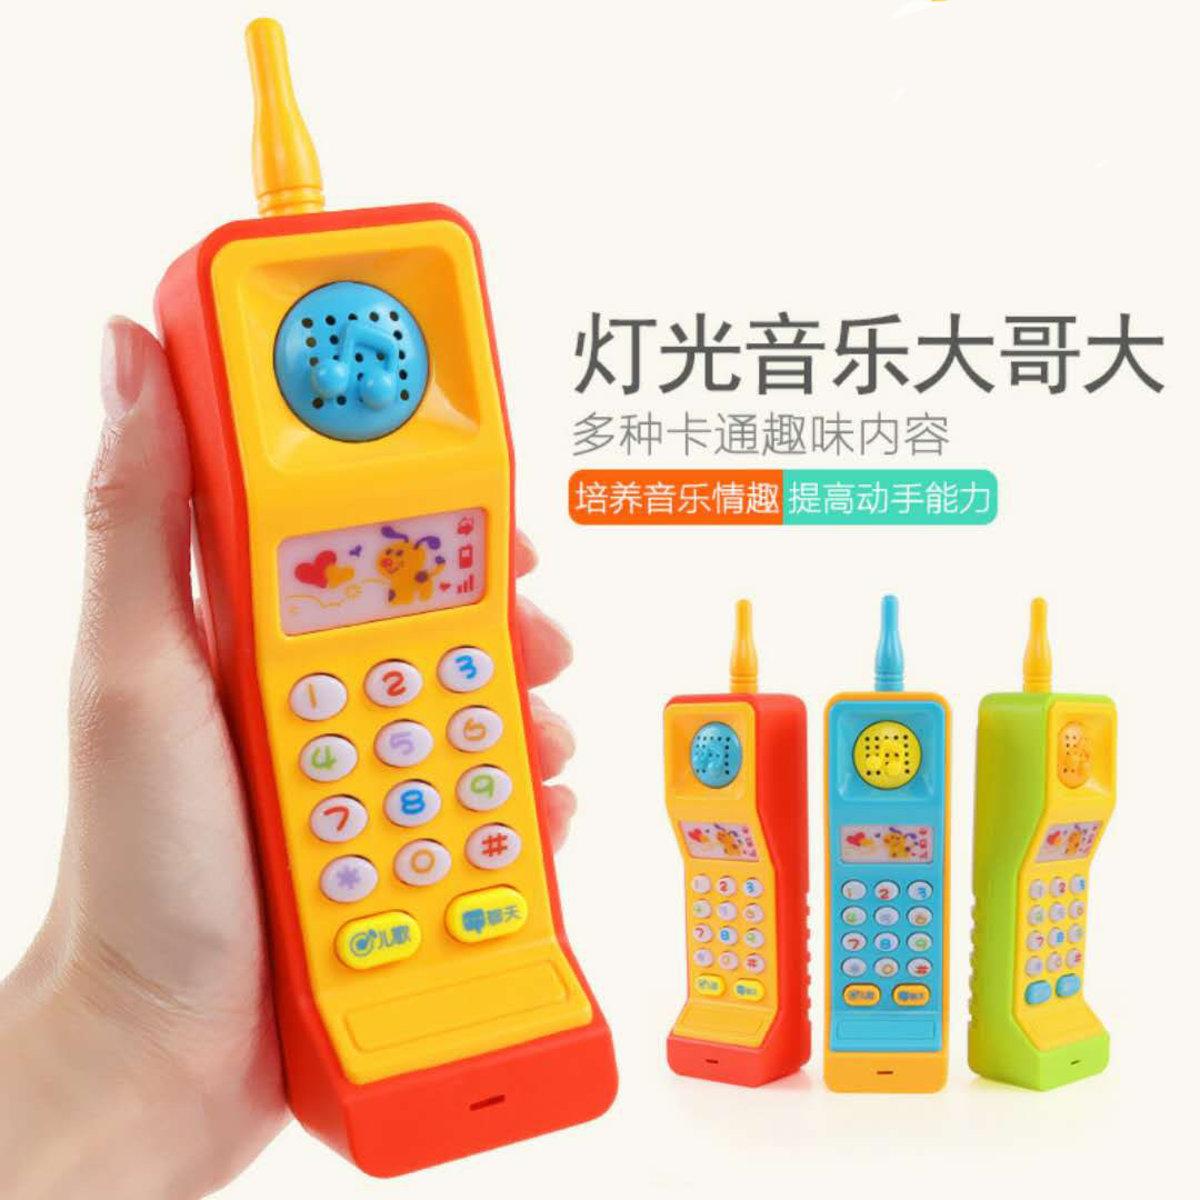 嬰兒智能音樂手機 寶寶早教益智電話機 大哥大手機